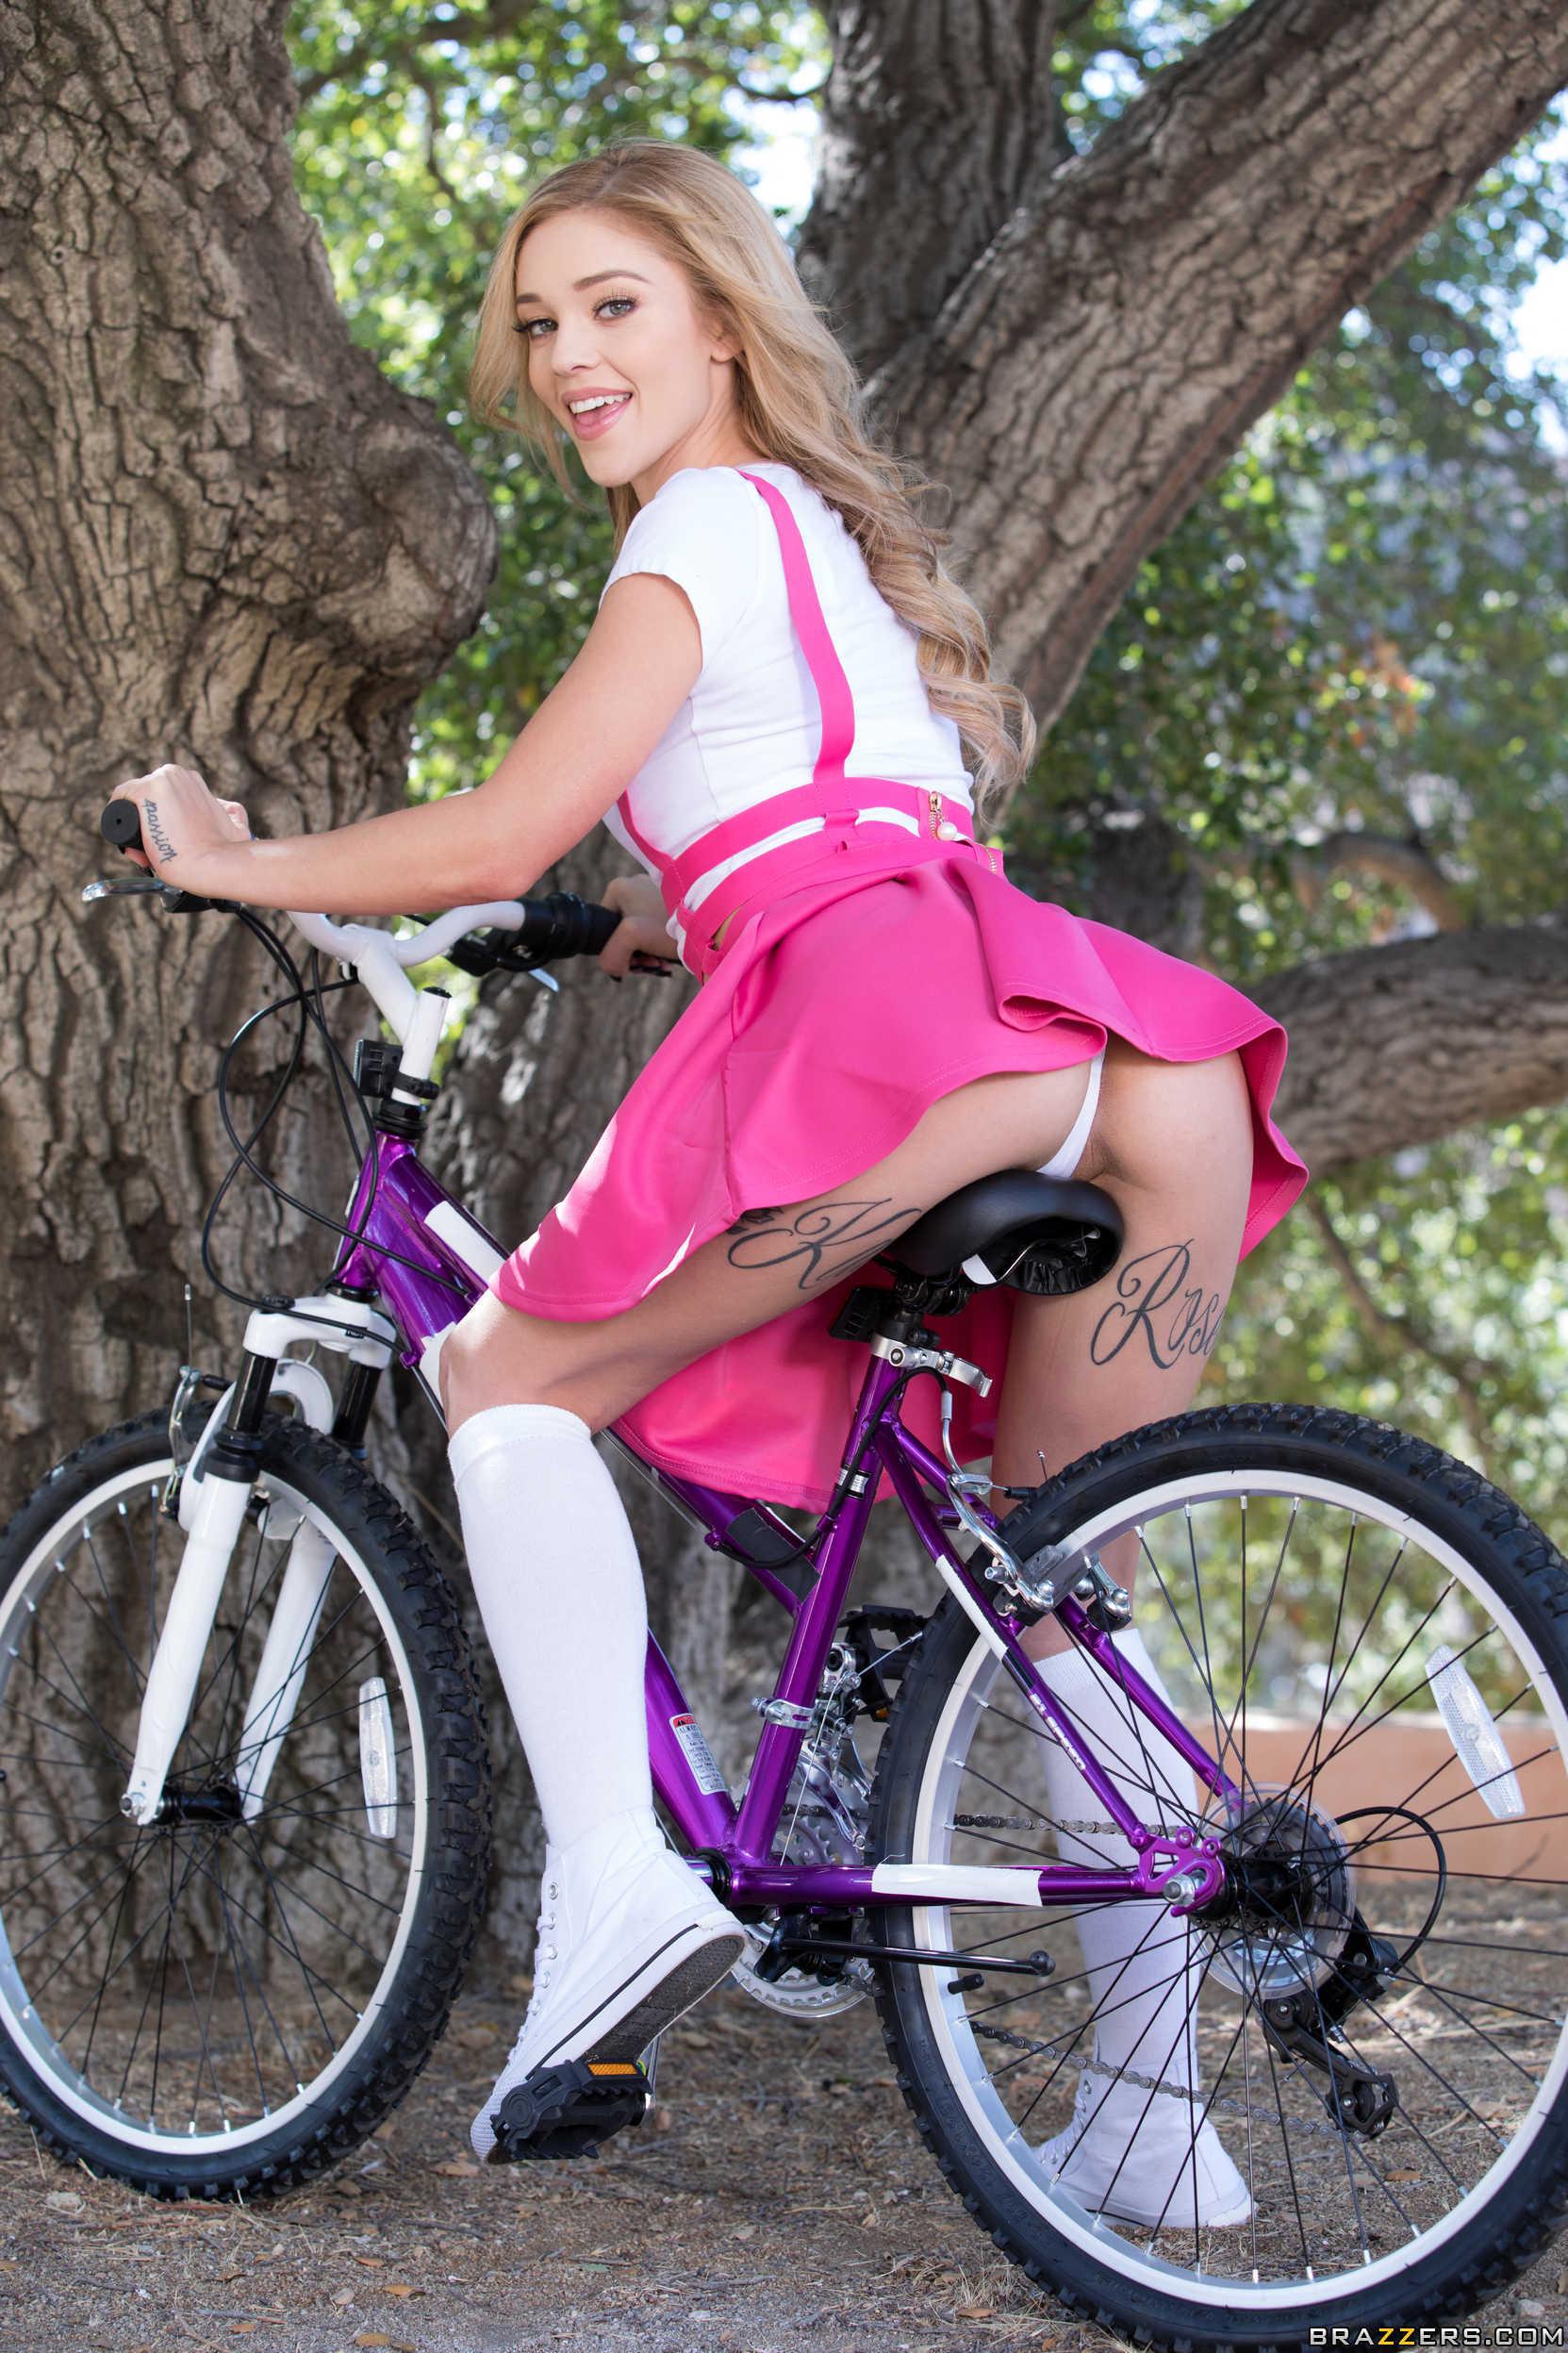 Блондиночка с большой задницей катается на велосипеде